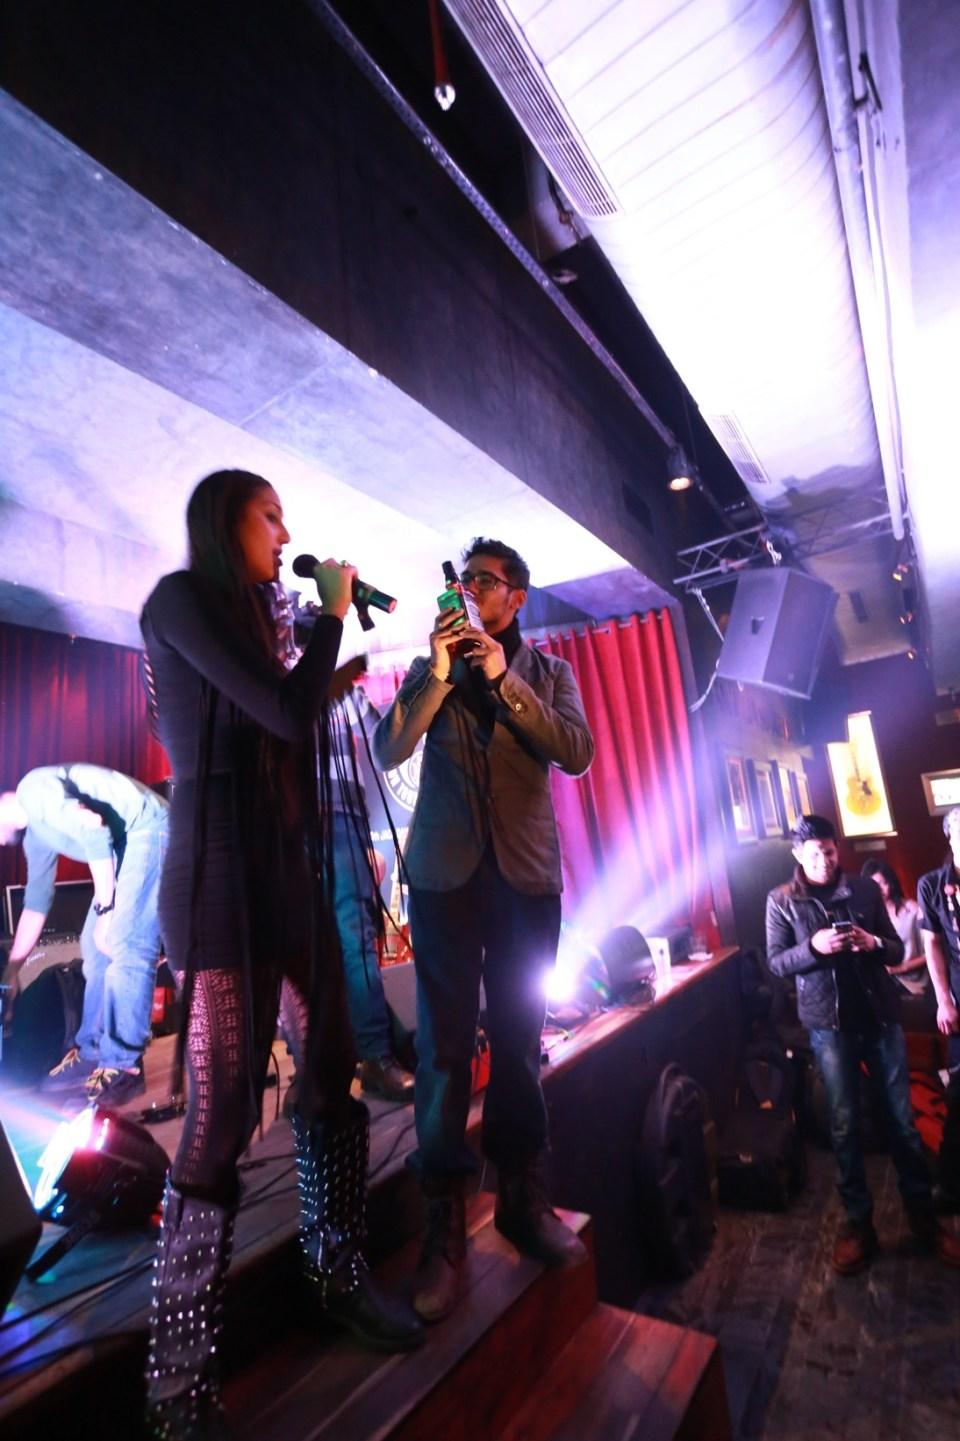 Hard Rock Cafe Bangalore Performances